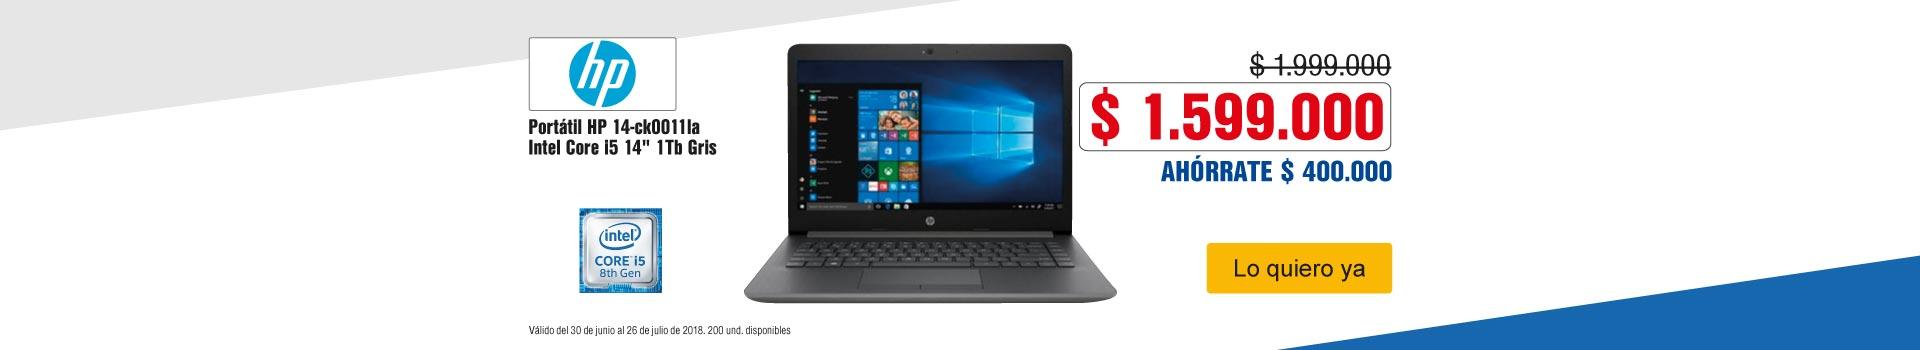 AK-KT-BCAT-3-computadores y tablets-PP---Hp-Portátil 14-ck0011la-Jul21